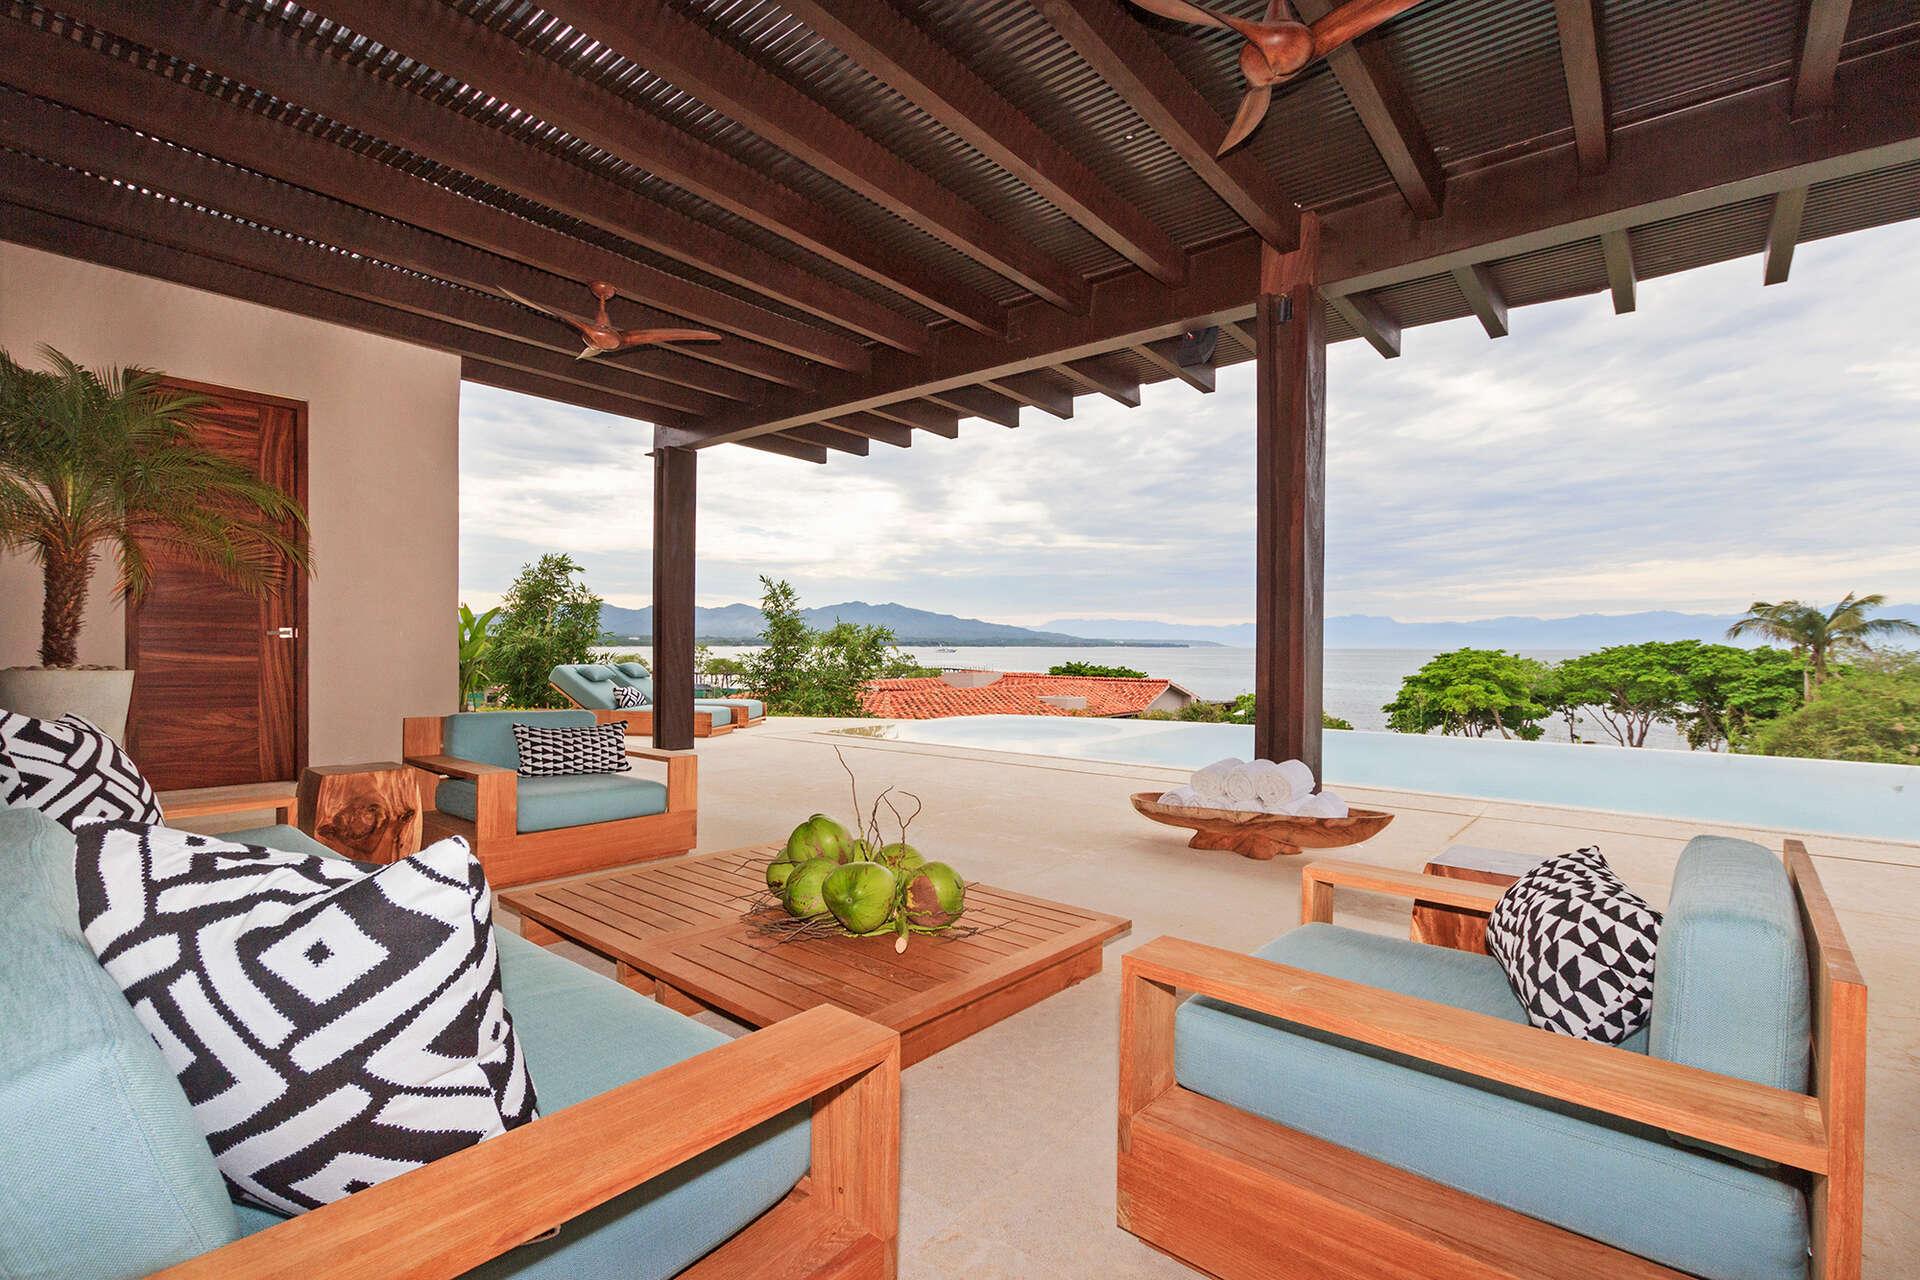 Luxury vacation rentals mexico - Punta mita - Porta fortuna - No location 4 - Tres Amores - Image 1/25